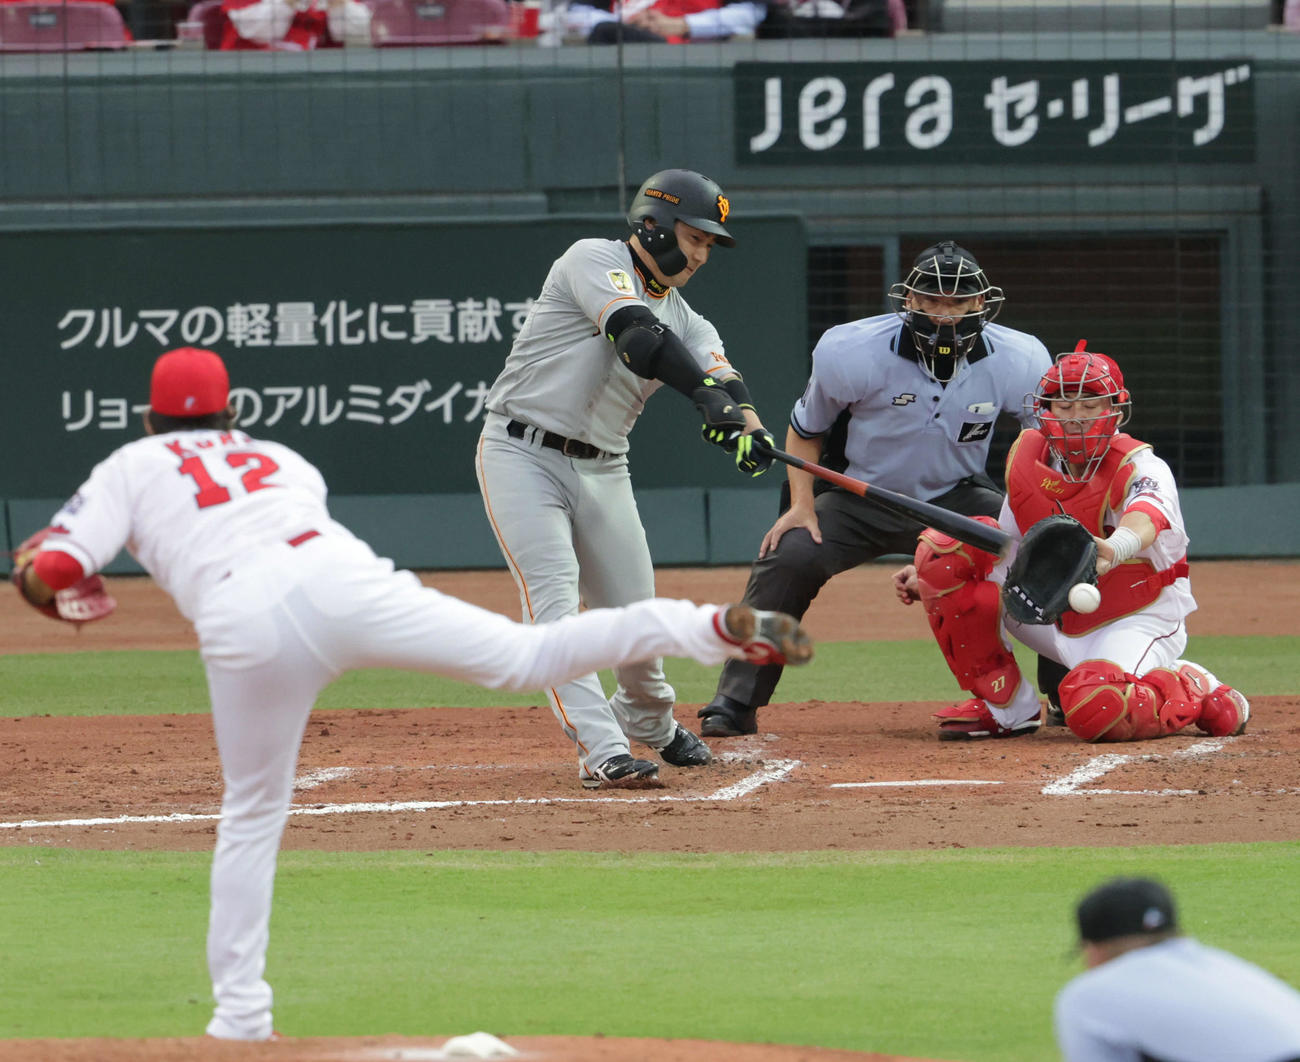 広島対巨人4回戦 3回表巨人1死一、三塁、丸は先制左適時二塁打を放つ。投手は九里(撮影・加藤孝規)